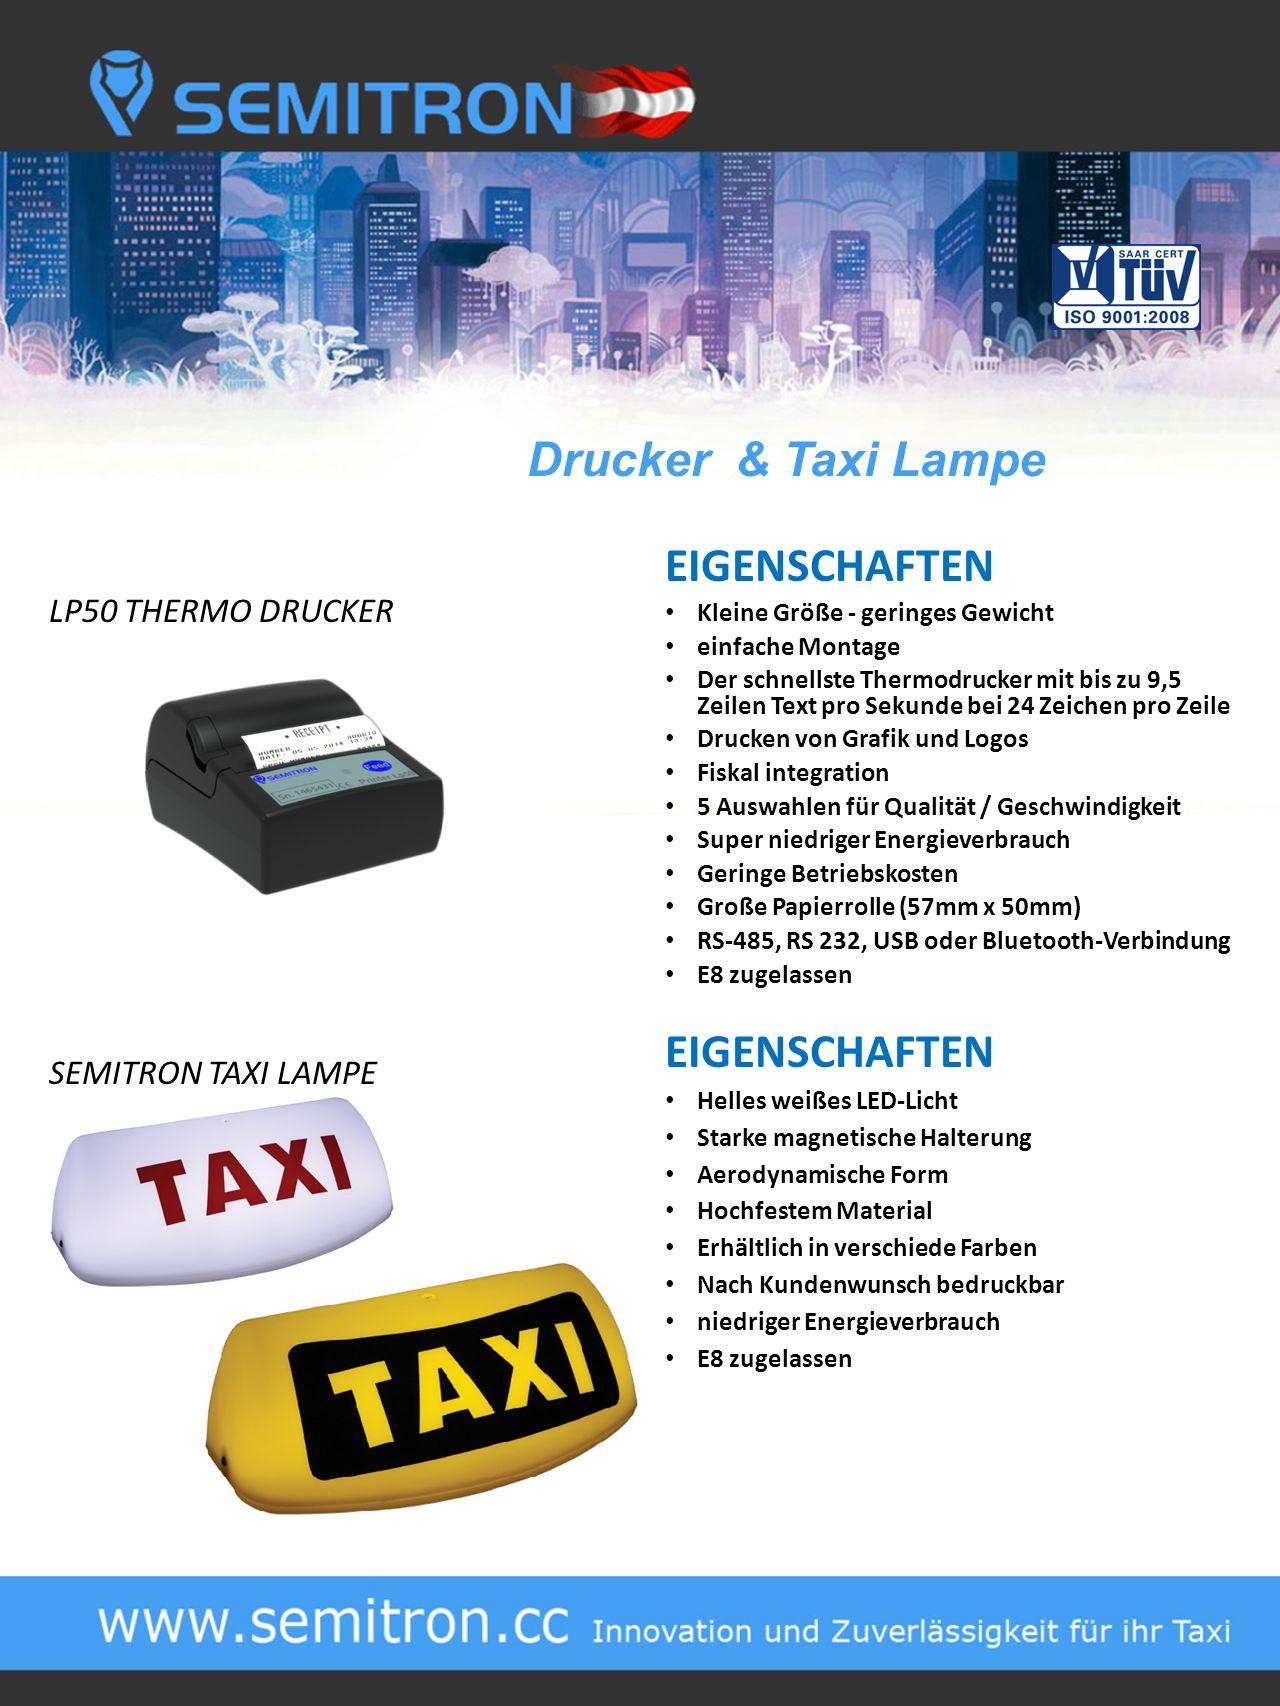 Drucker & Taxi Lampe EIGENSCHAFTEN